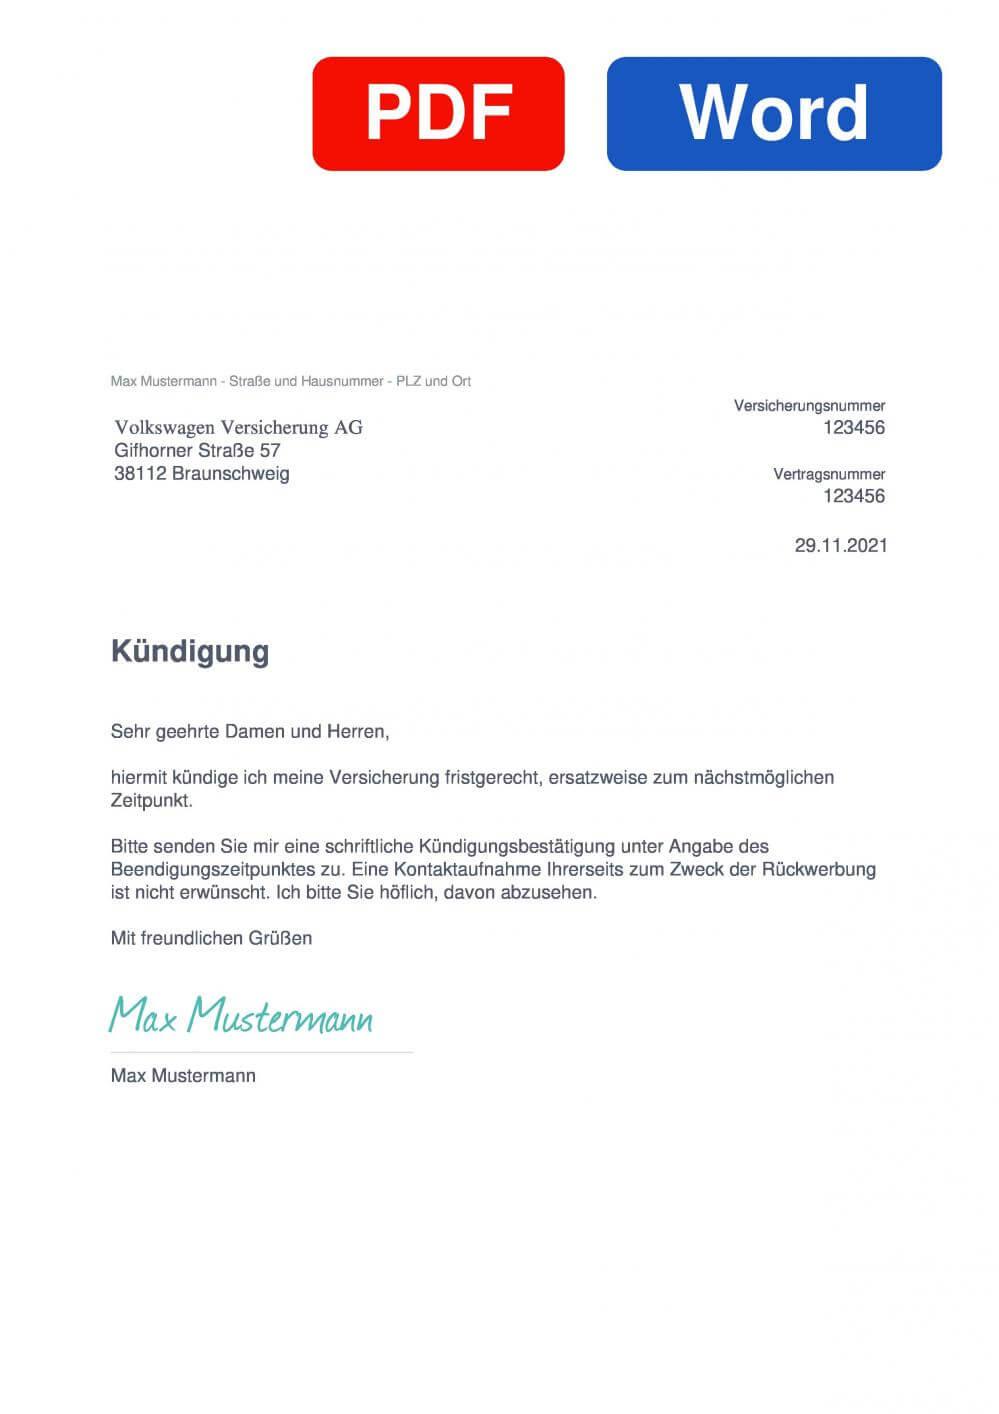 Volkswagen Garantieversicherung Muster Vorlage für Kündigungsschreiben